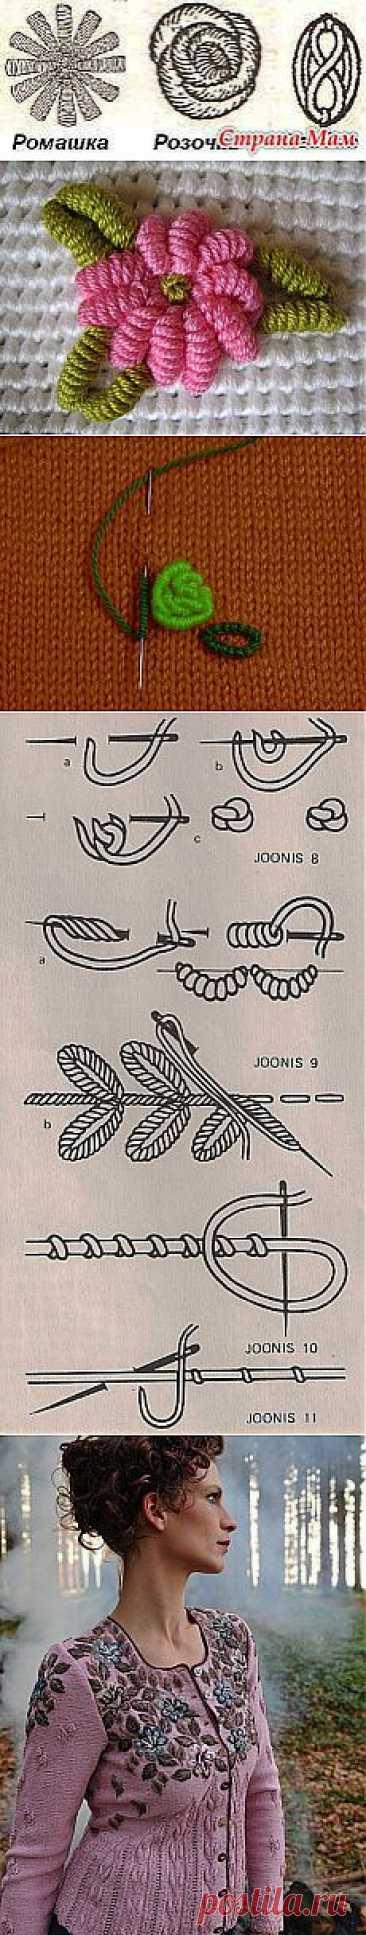 El bordado del rococó por la tela tejida - las recepciones básicas.